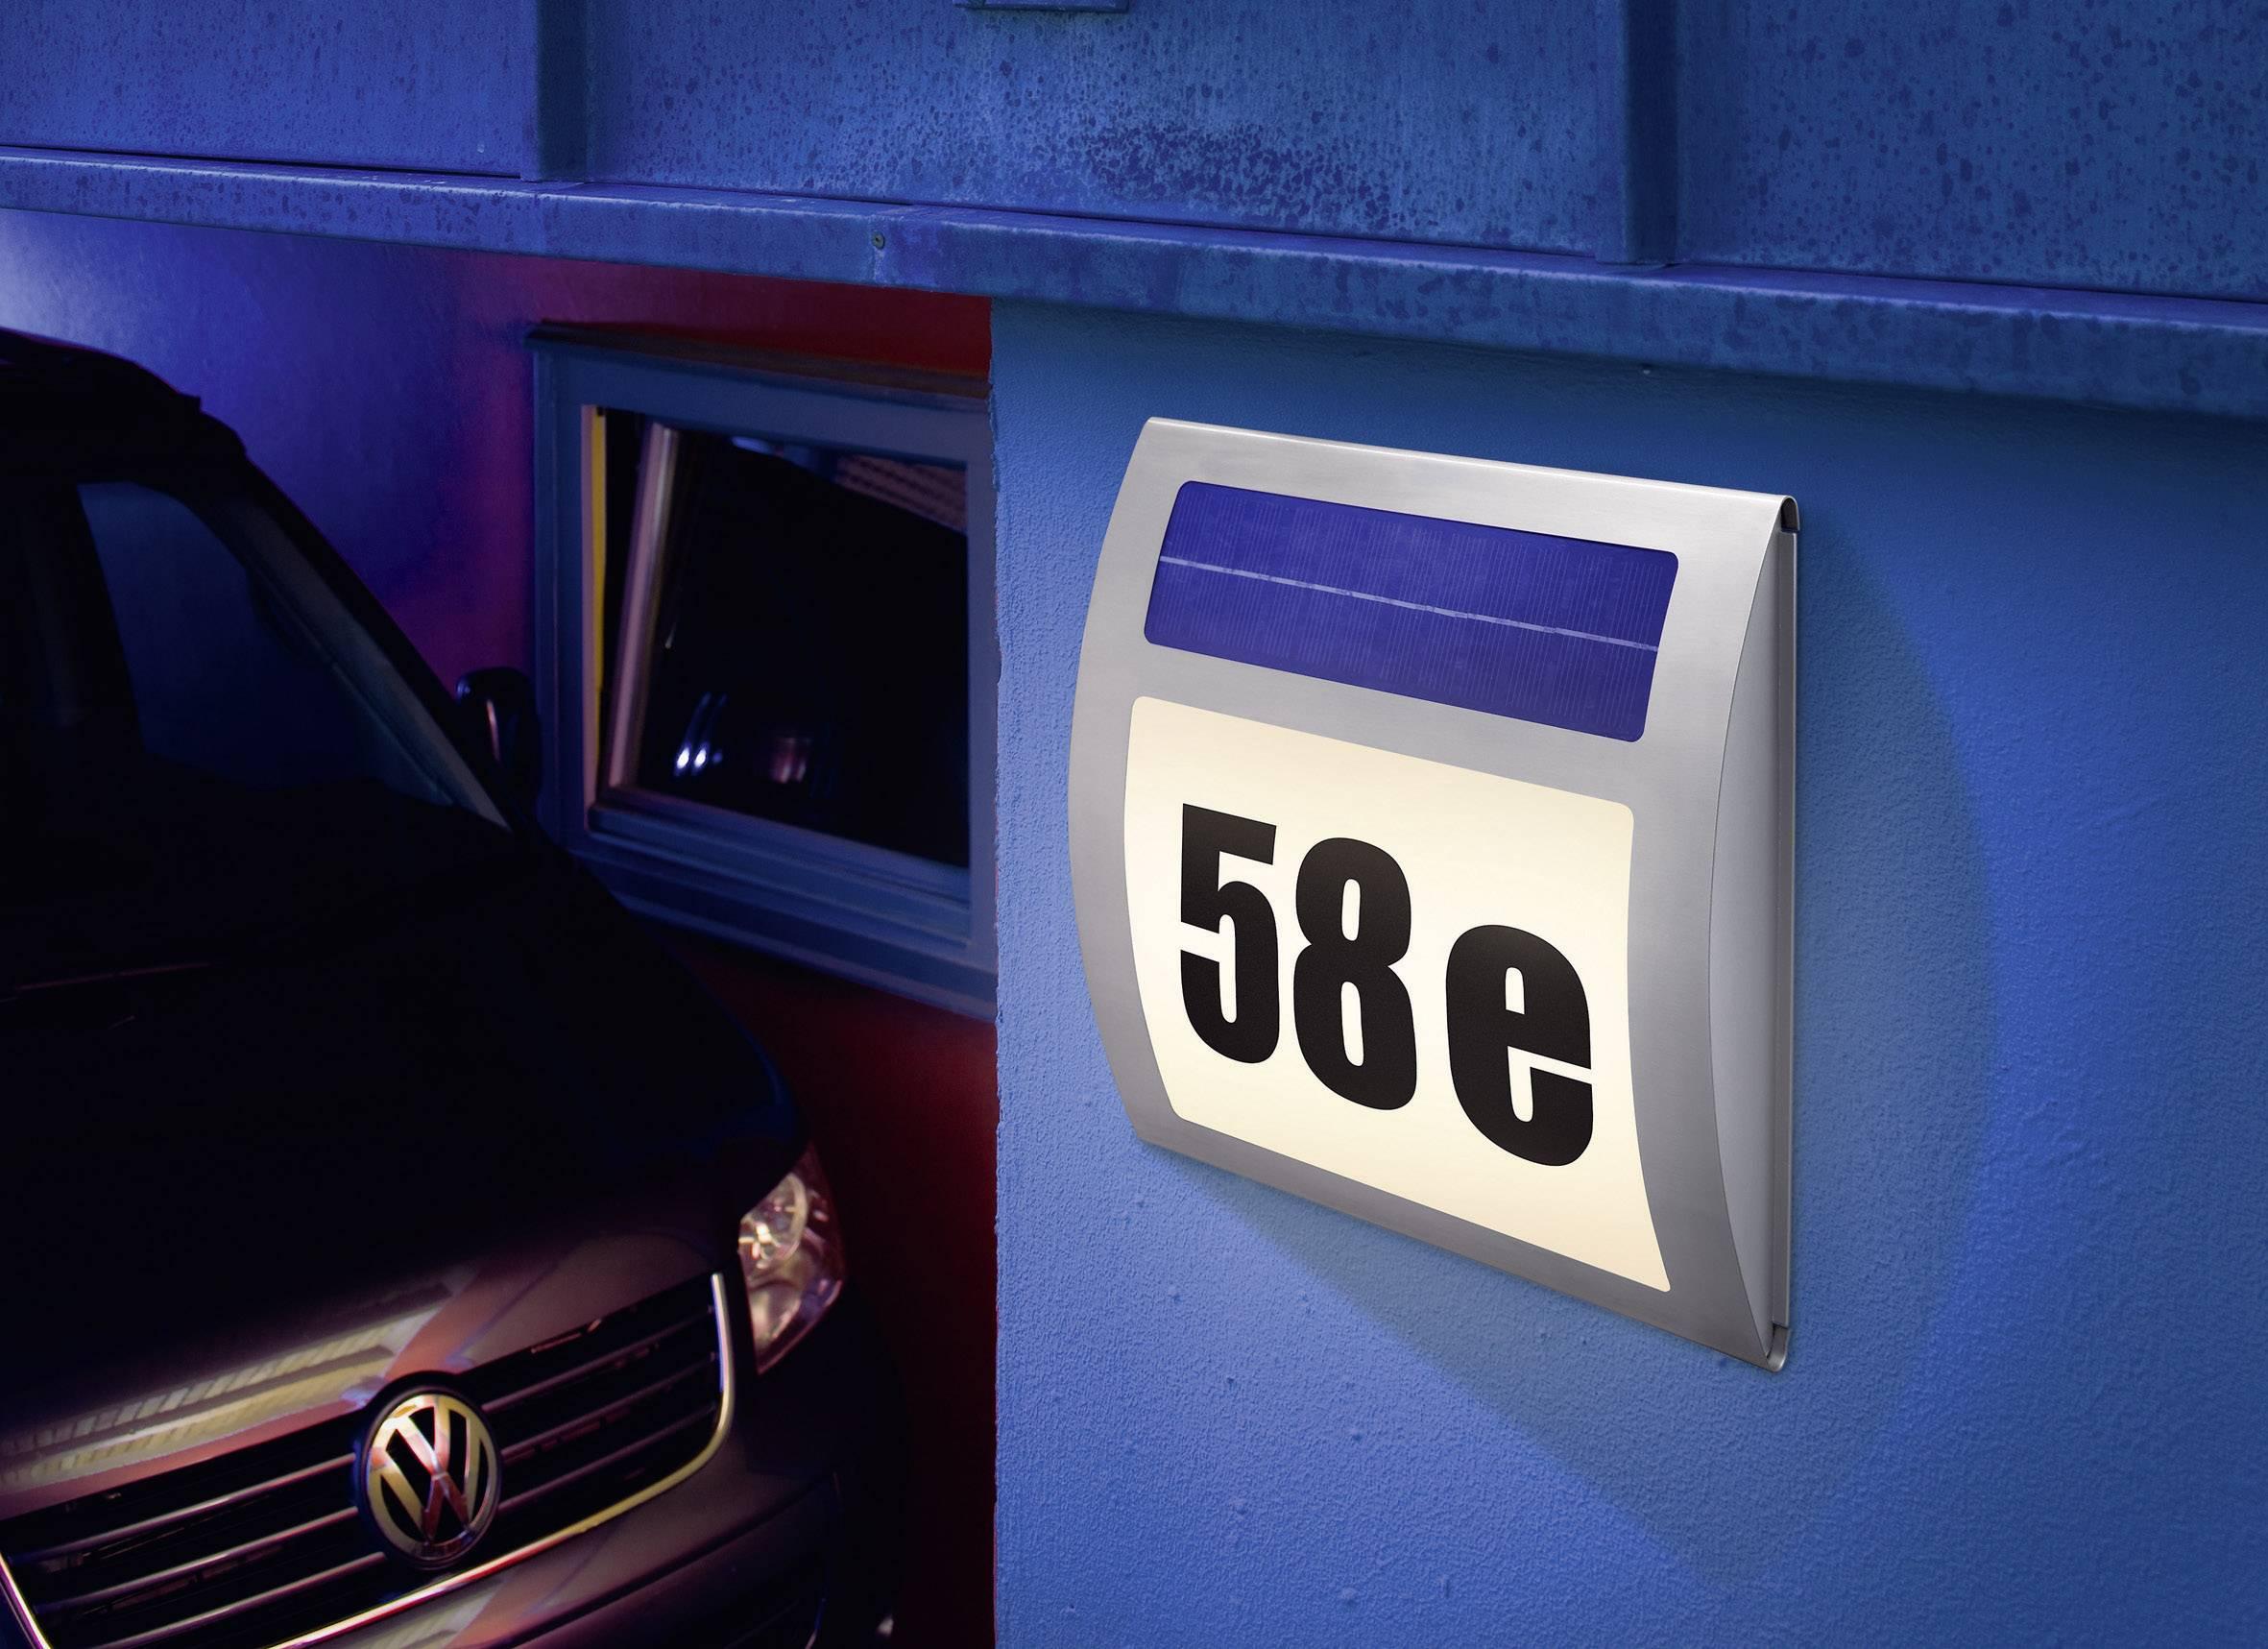 Solární osvětlení domovního čísla Wave